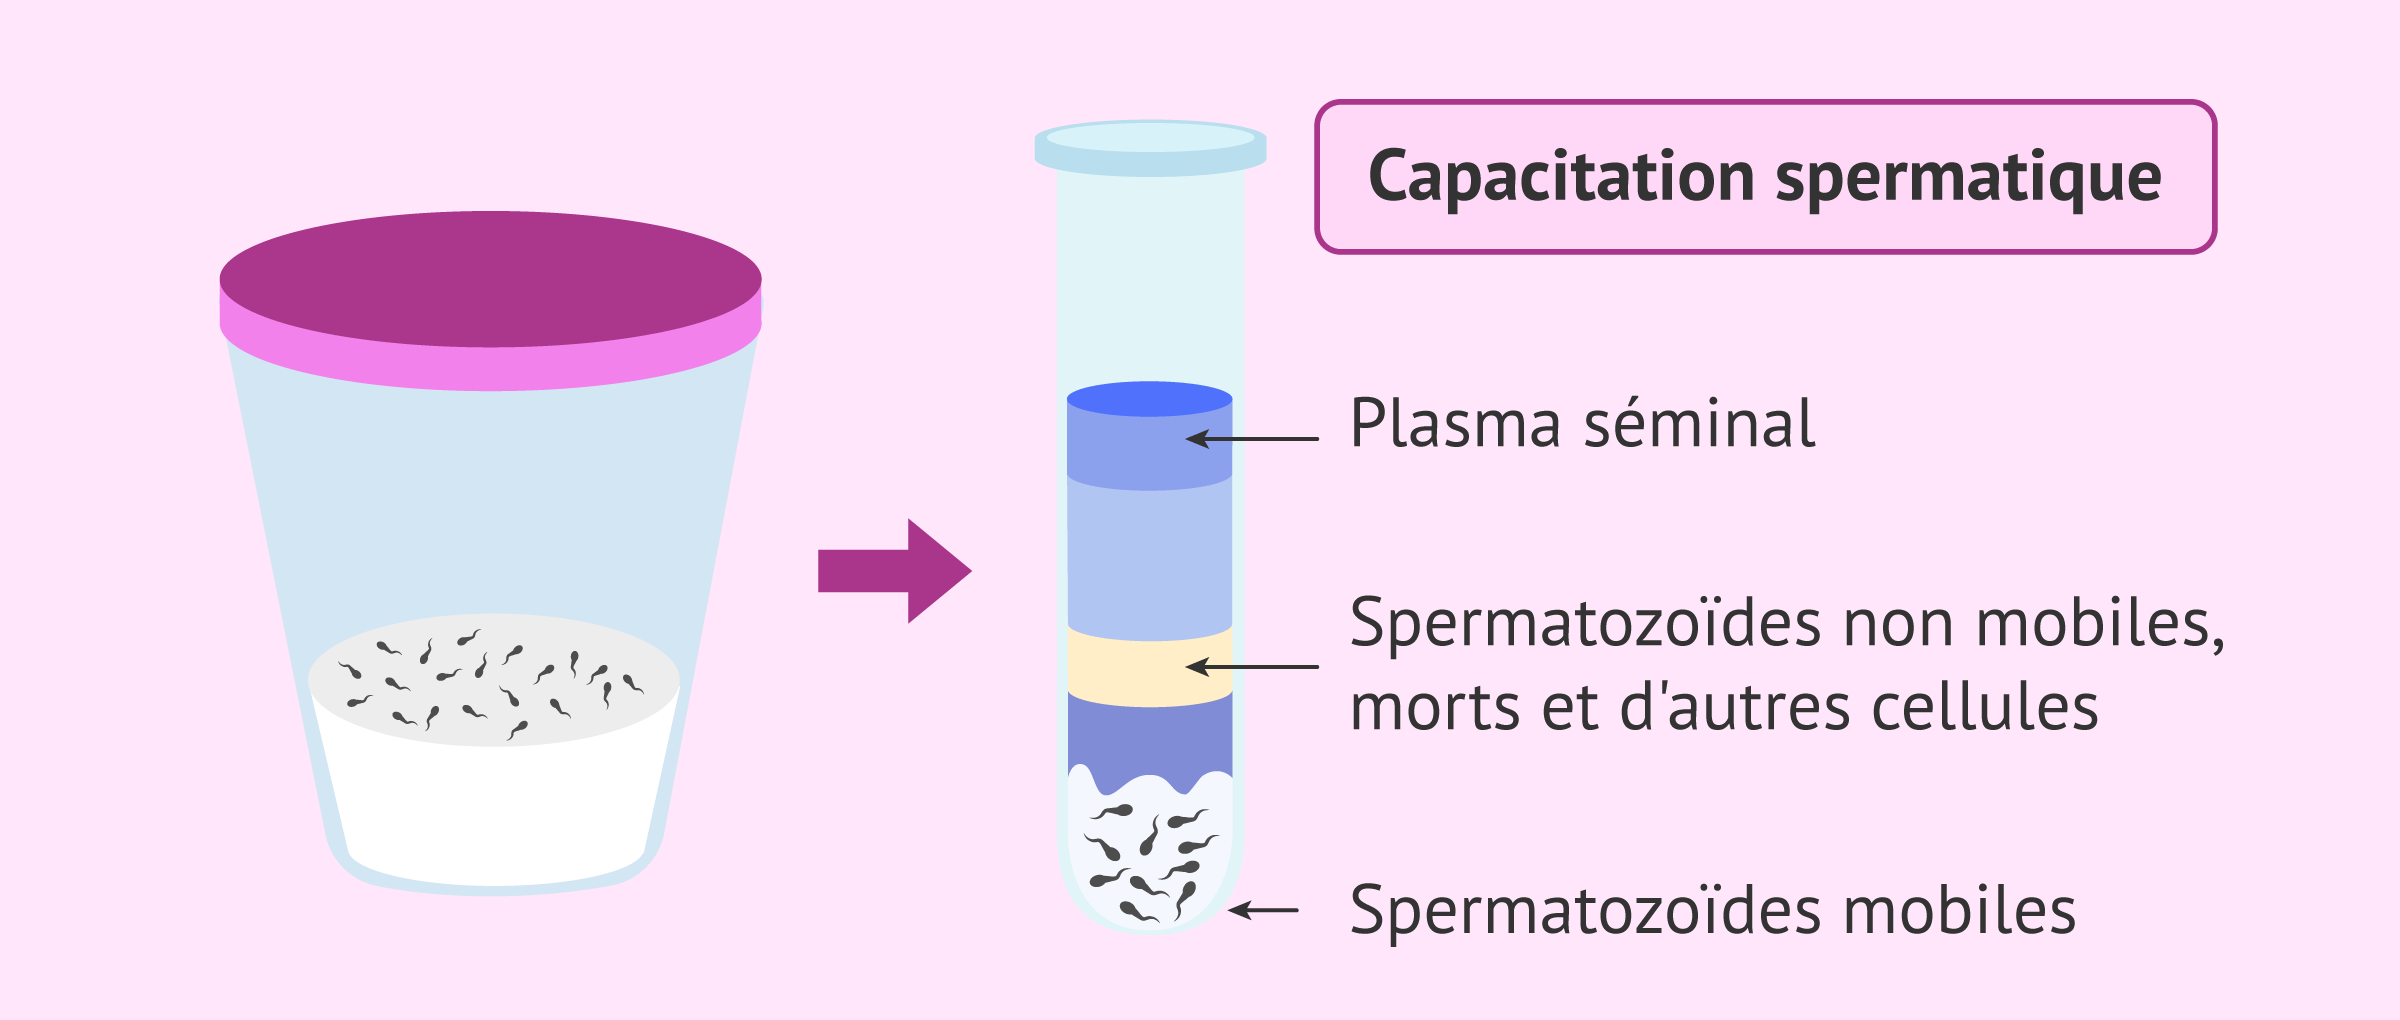 Imagen: Échantillon séminal et formation des spermatozoïdes